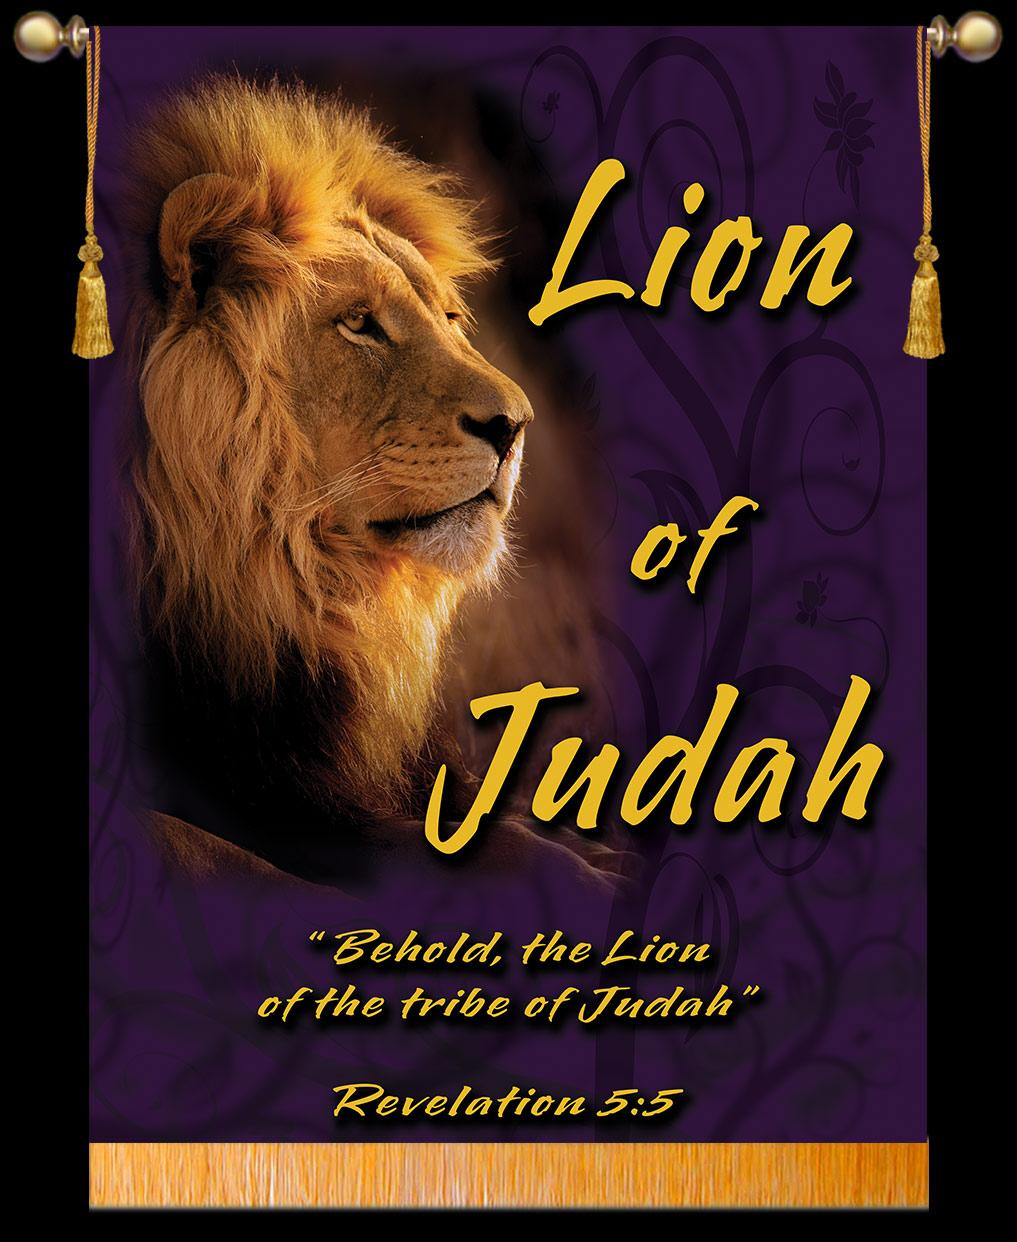 lion-of-judah-printed.jpg